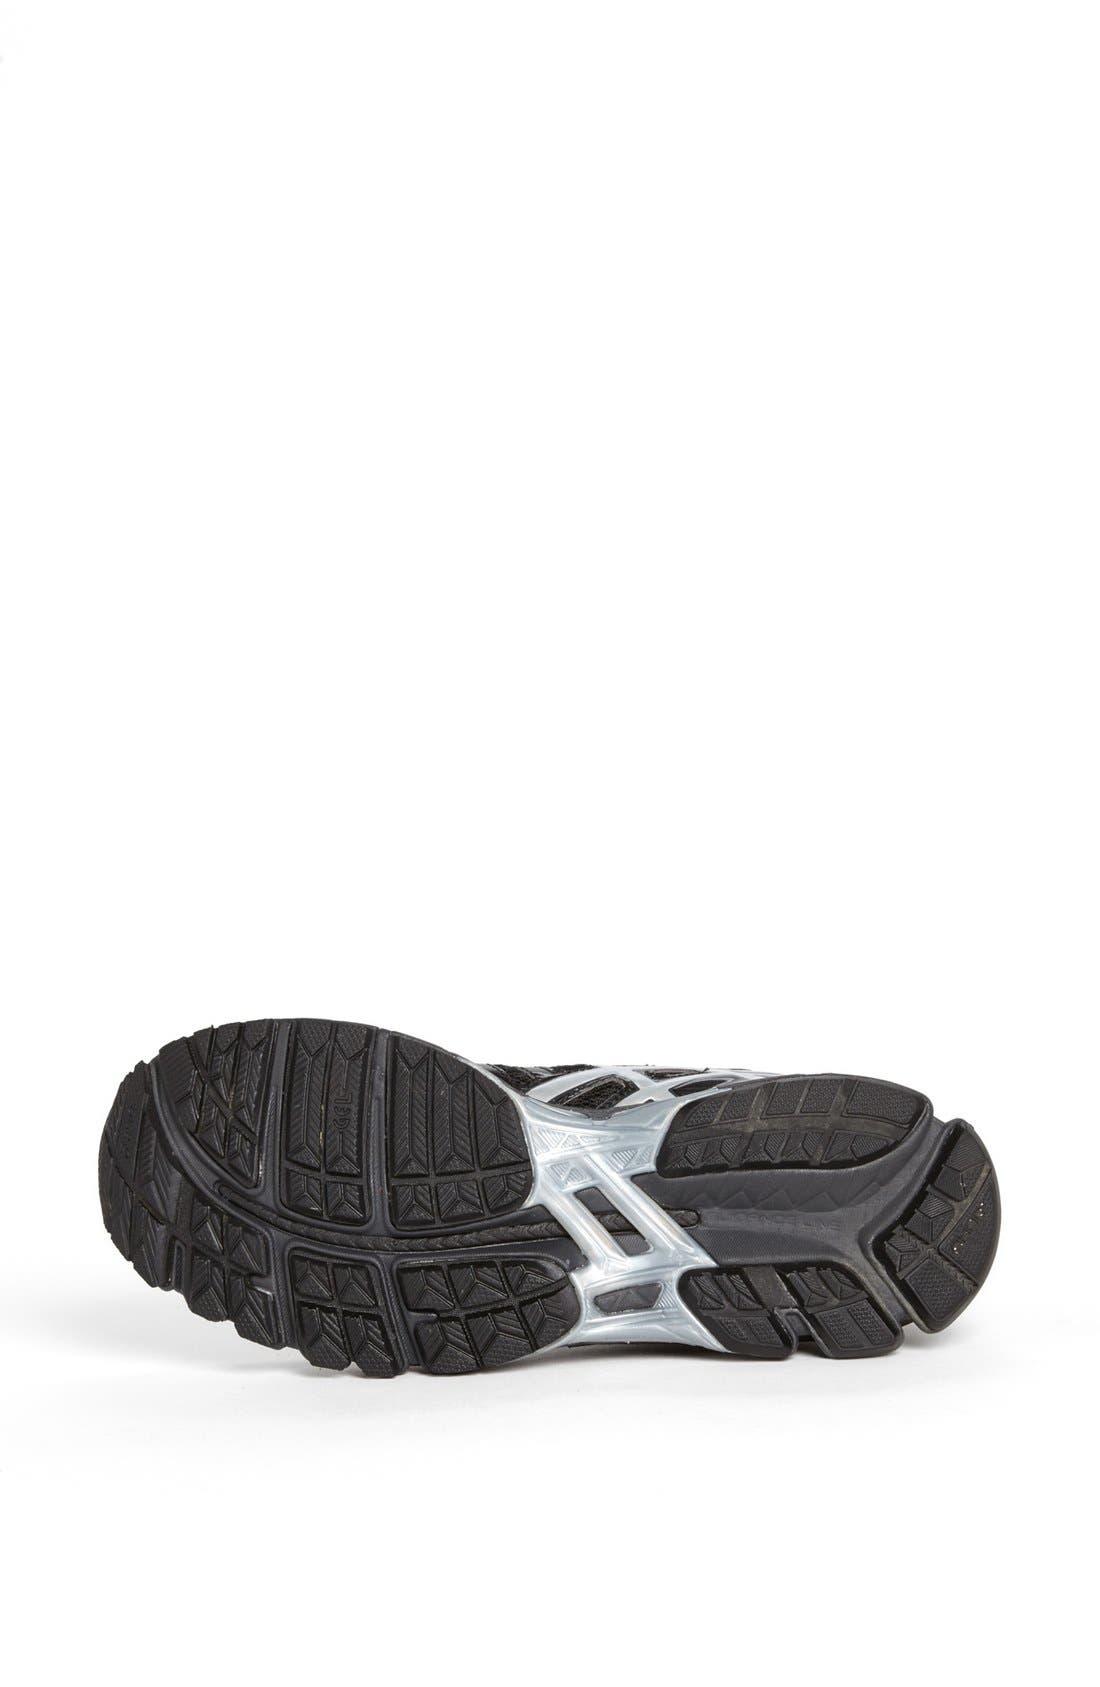 Alternate Image 4  - ASICS® 'GEL-Kayano® 20' Running Shoe (Women)